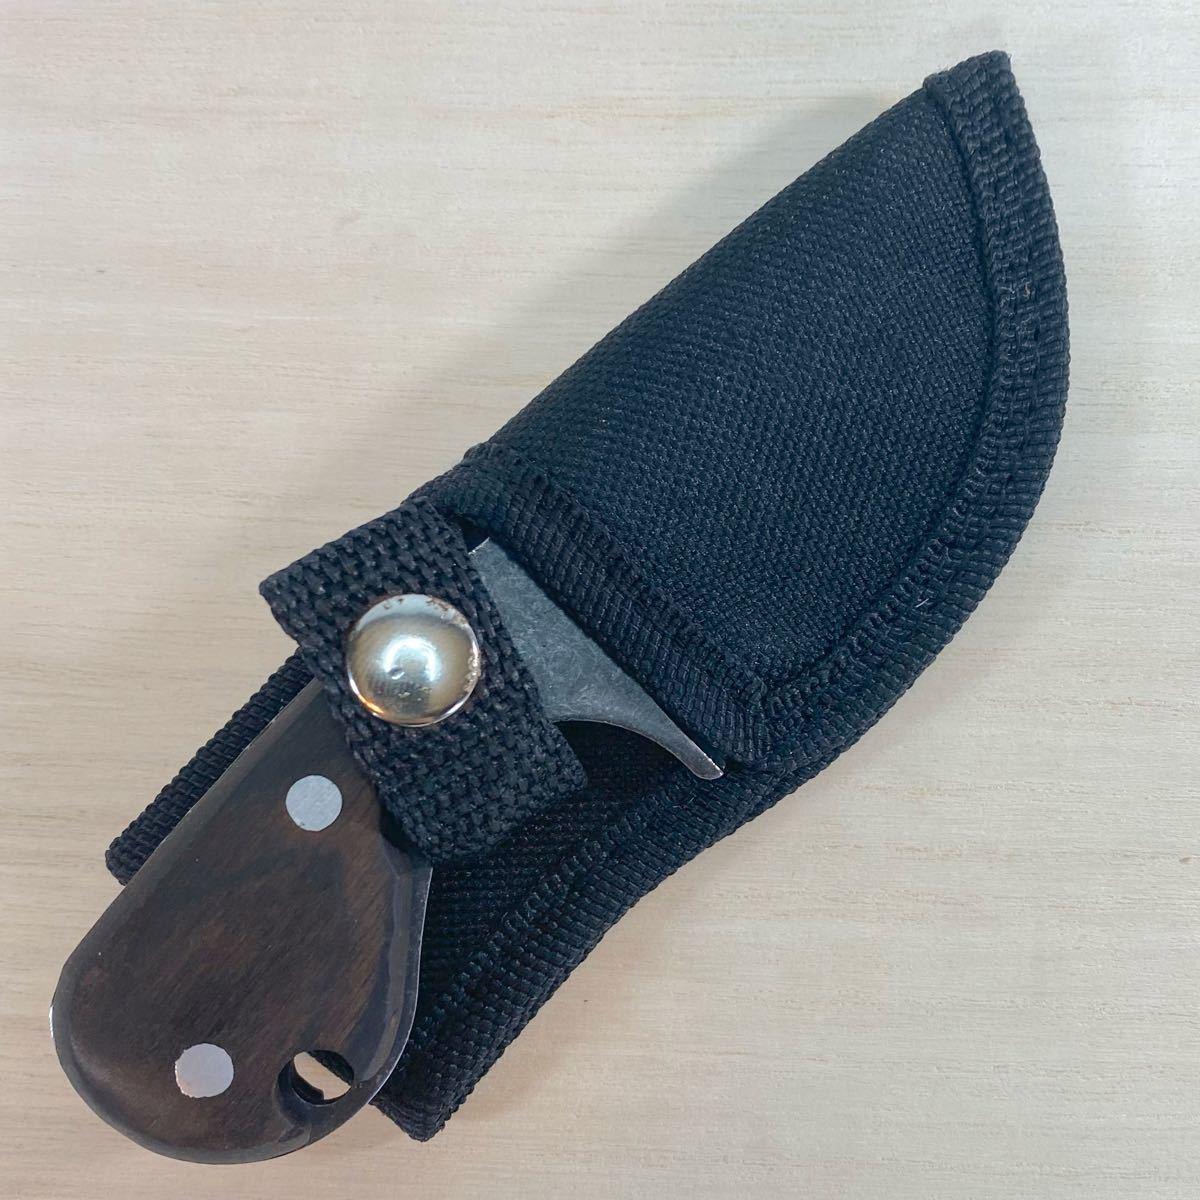 サバイバルナイフ ケース付き アウトドアナイフ  シースナイフ フルタング ウッドハンドル 切りつけナイフ